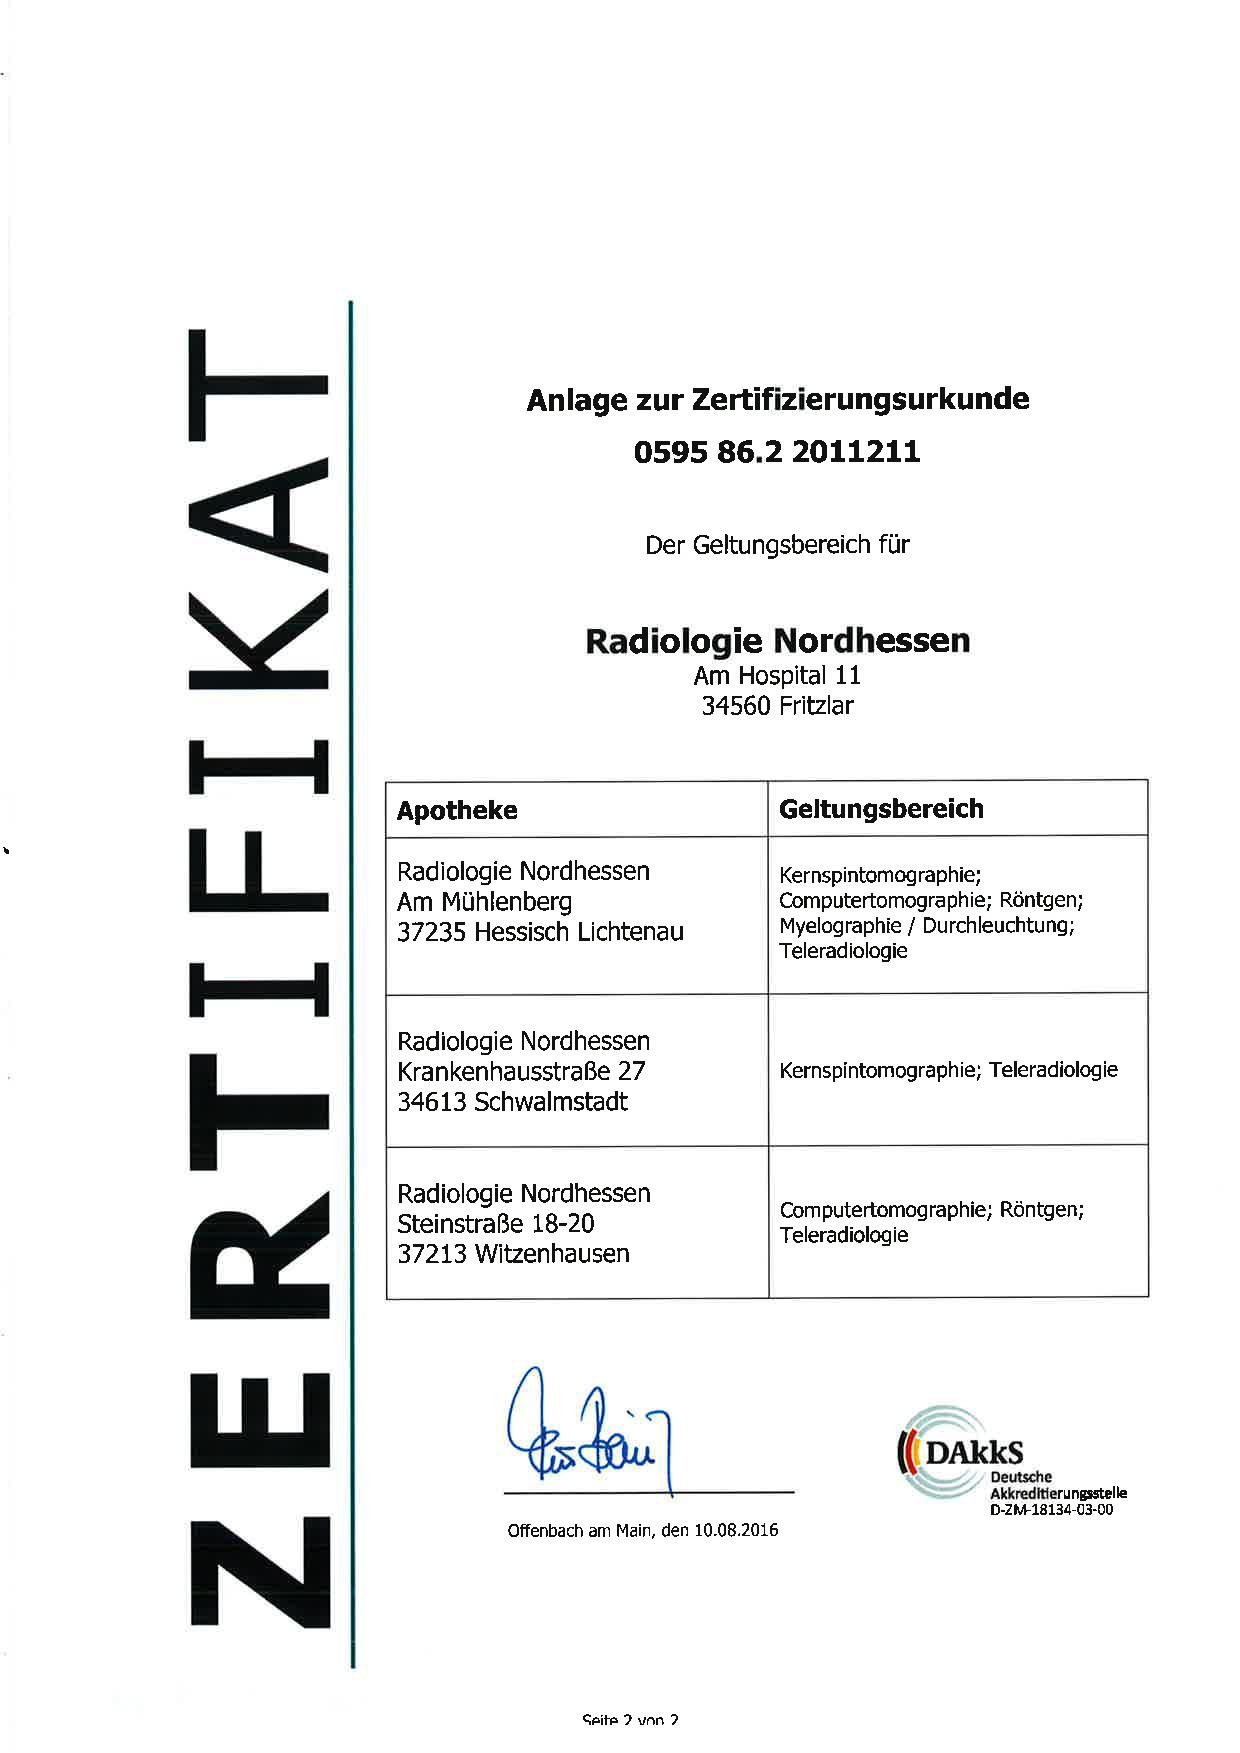 Qualitätsmanagement | Radiologie Nordhessen